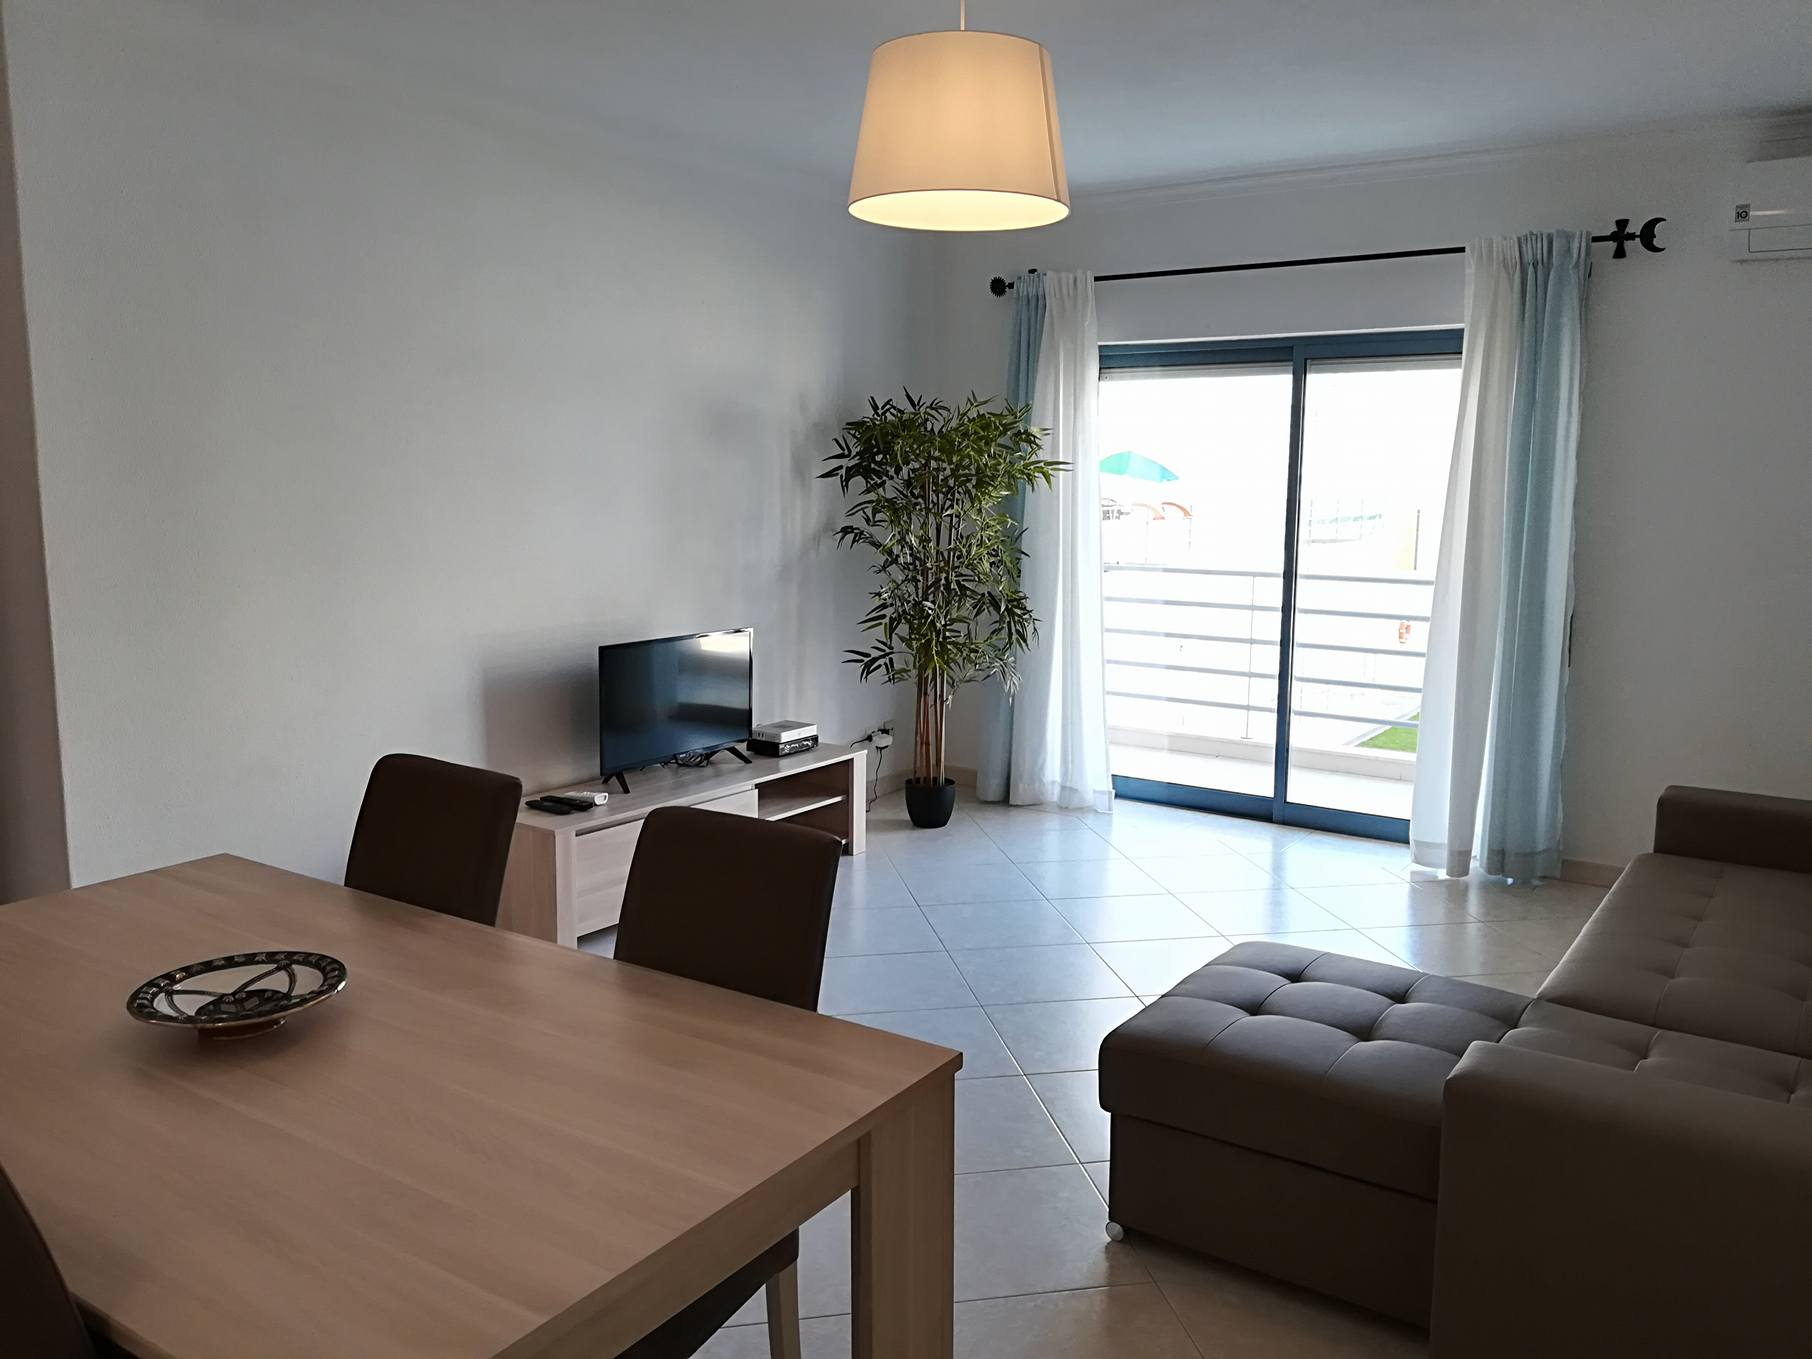 Holiday apartments and villas for rent, Vila Nova II in Armação de Pêra, Portugal Algarve, REF_IMG_5826_5832